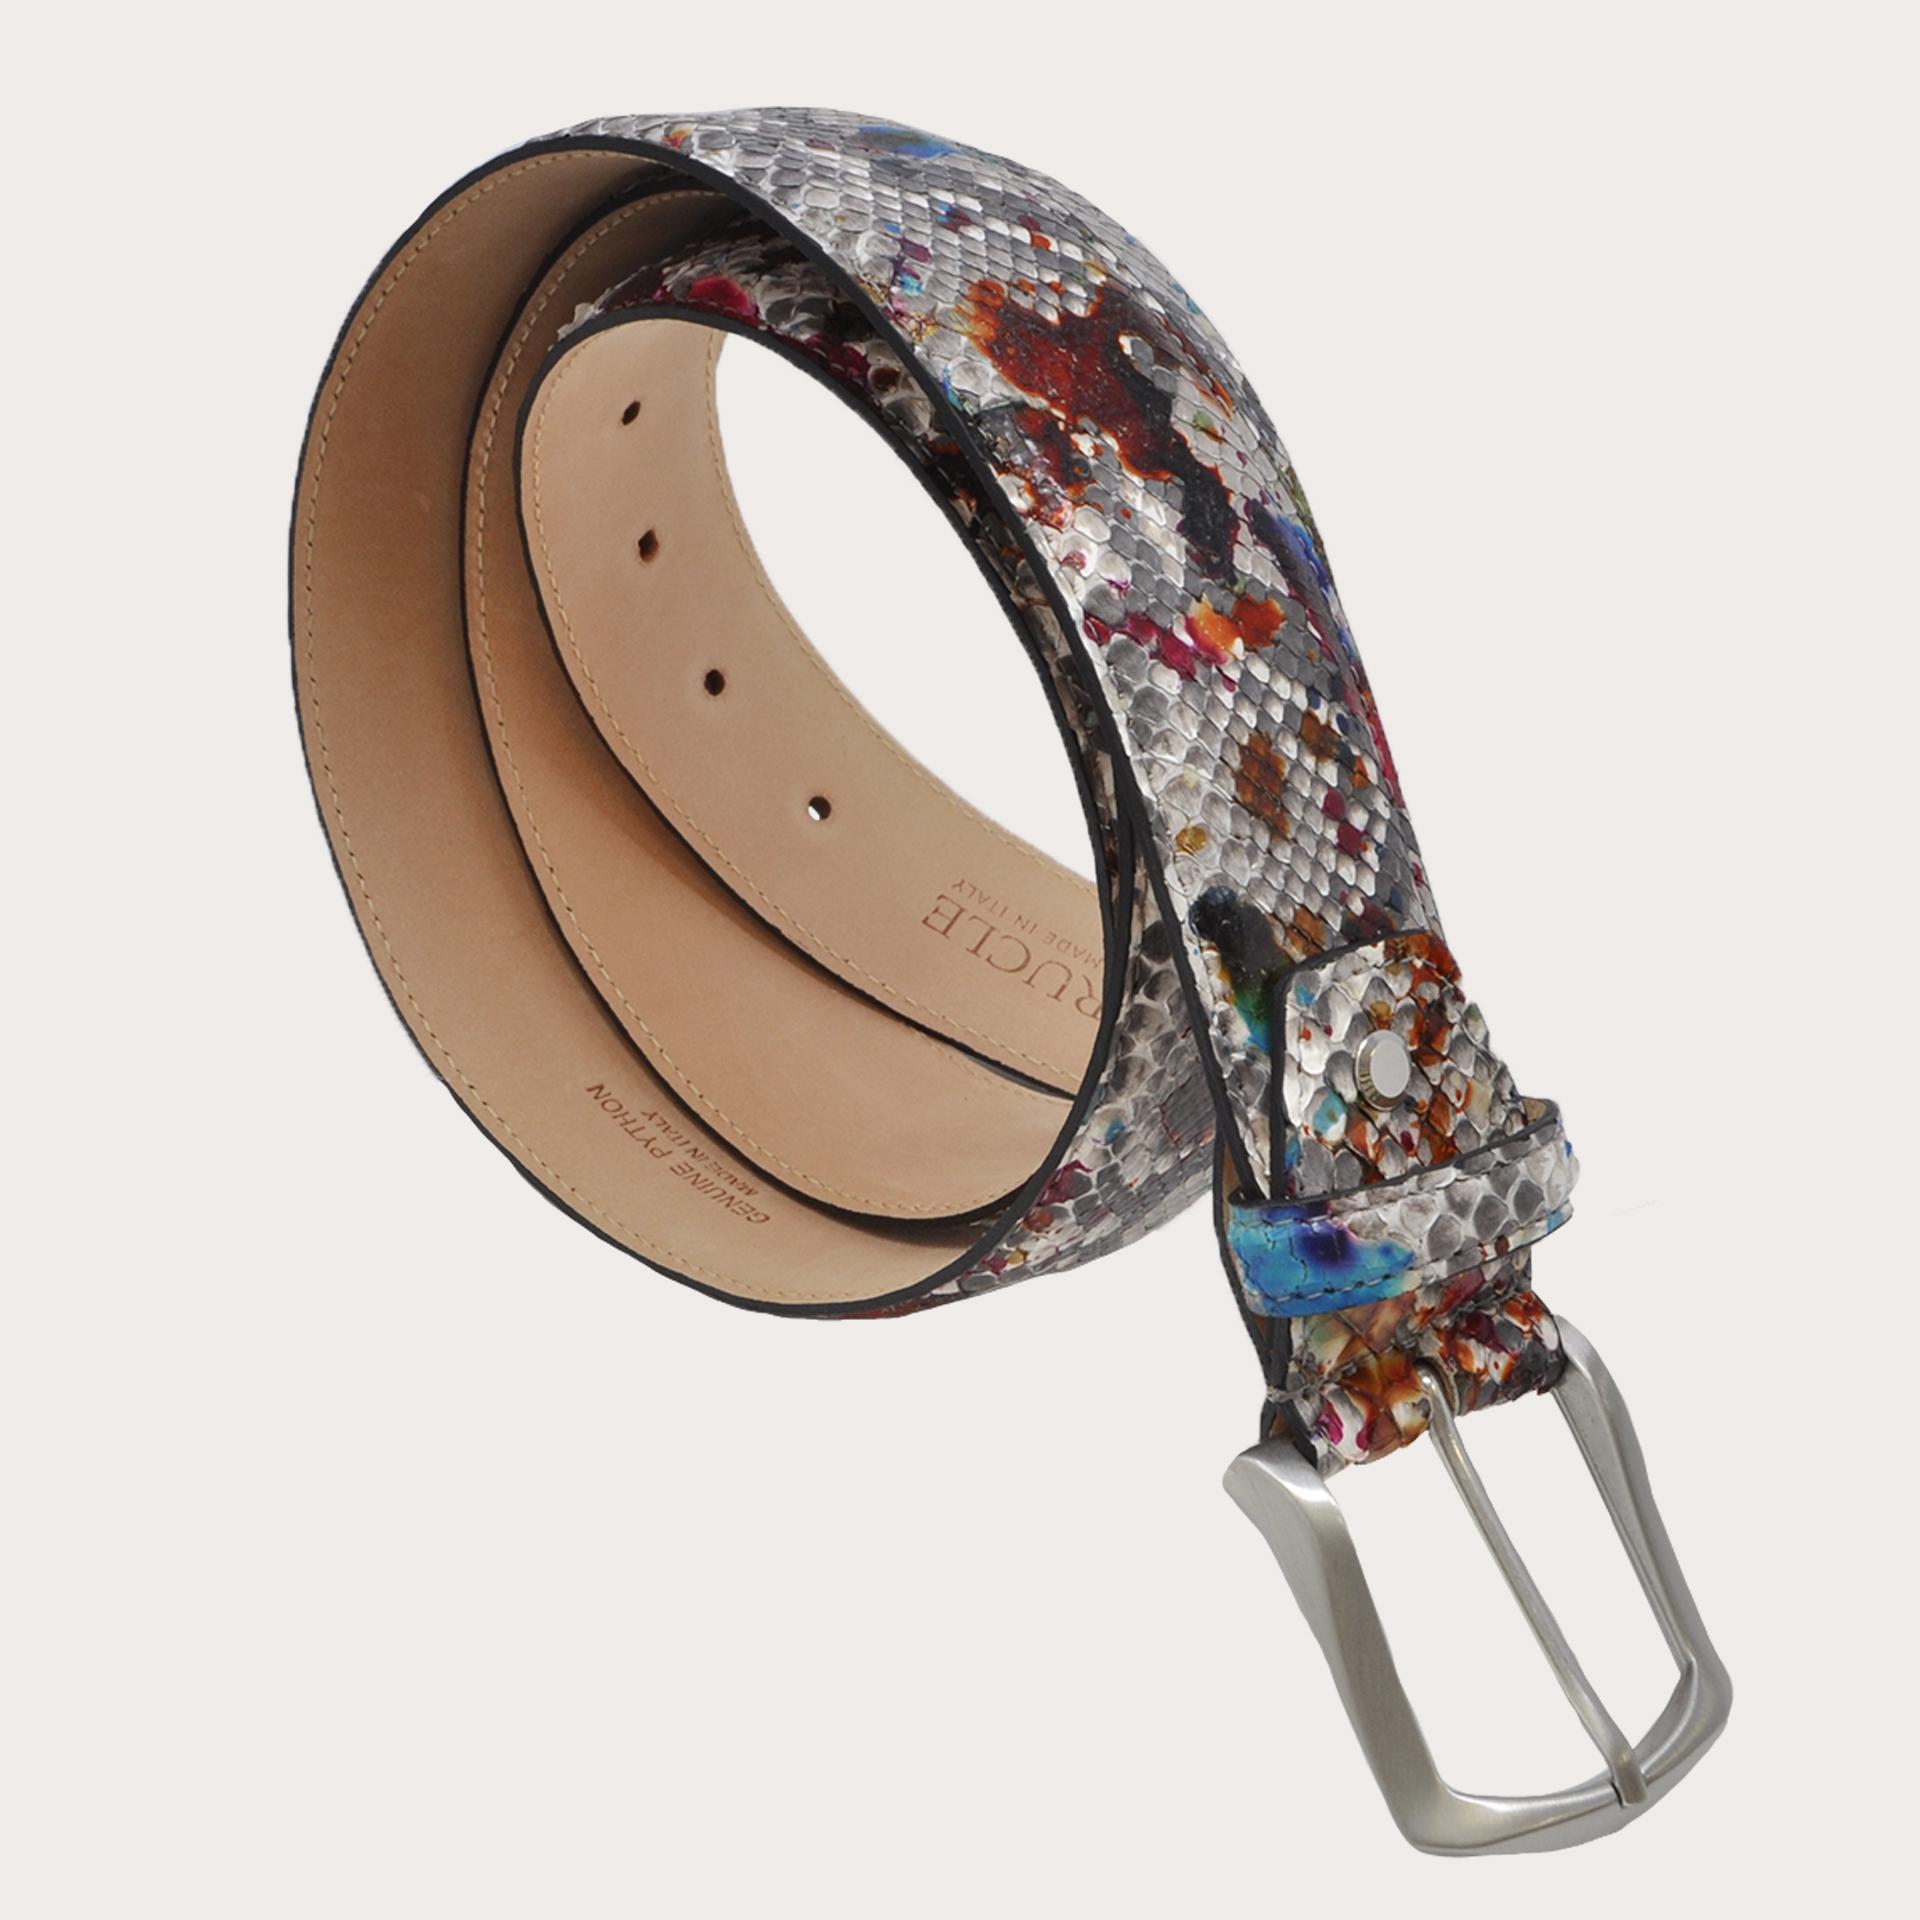 Cintura in pitone grigio roccia spruzzato colorato